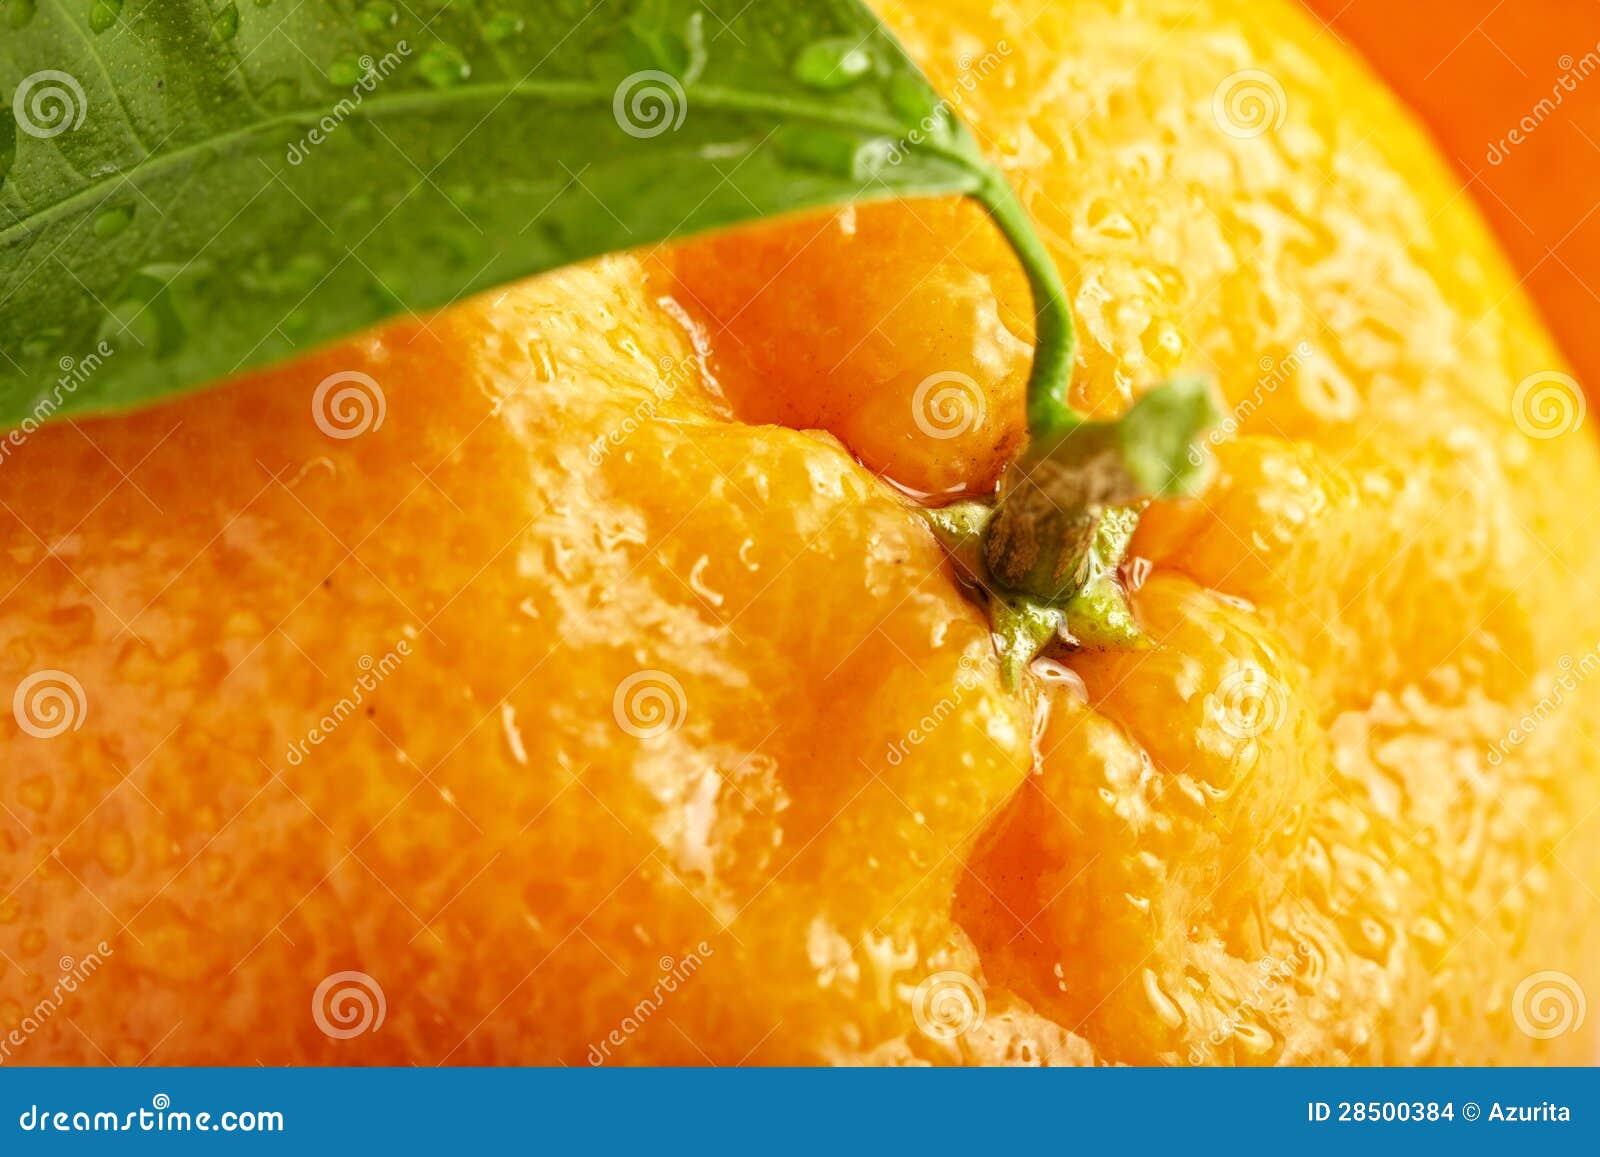 Reife Orange mit Blättern